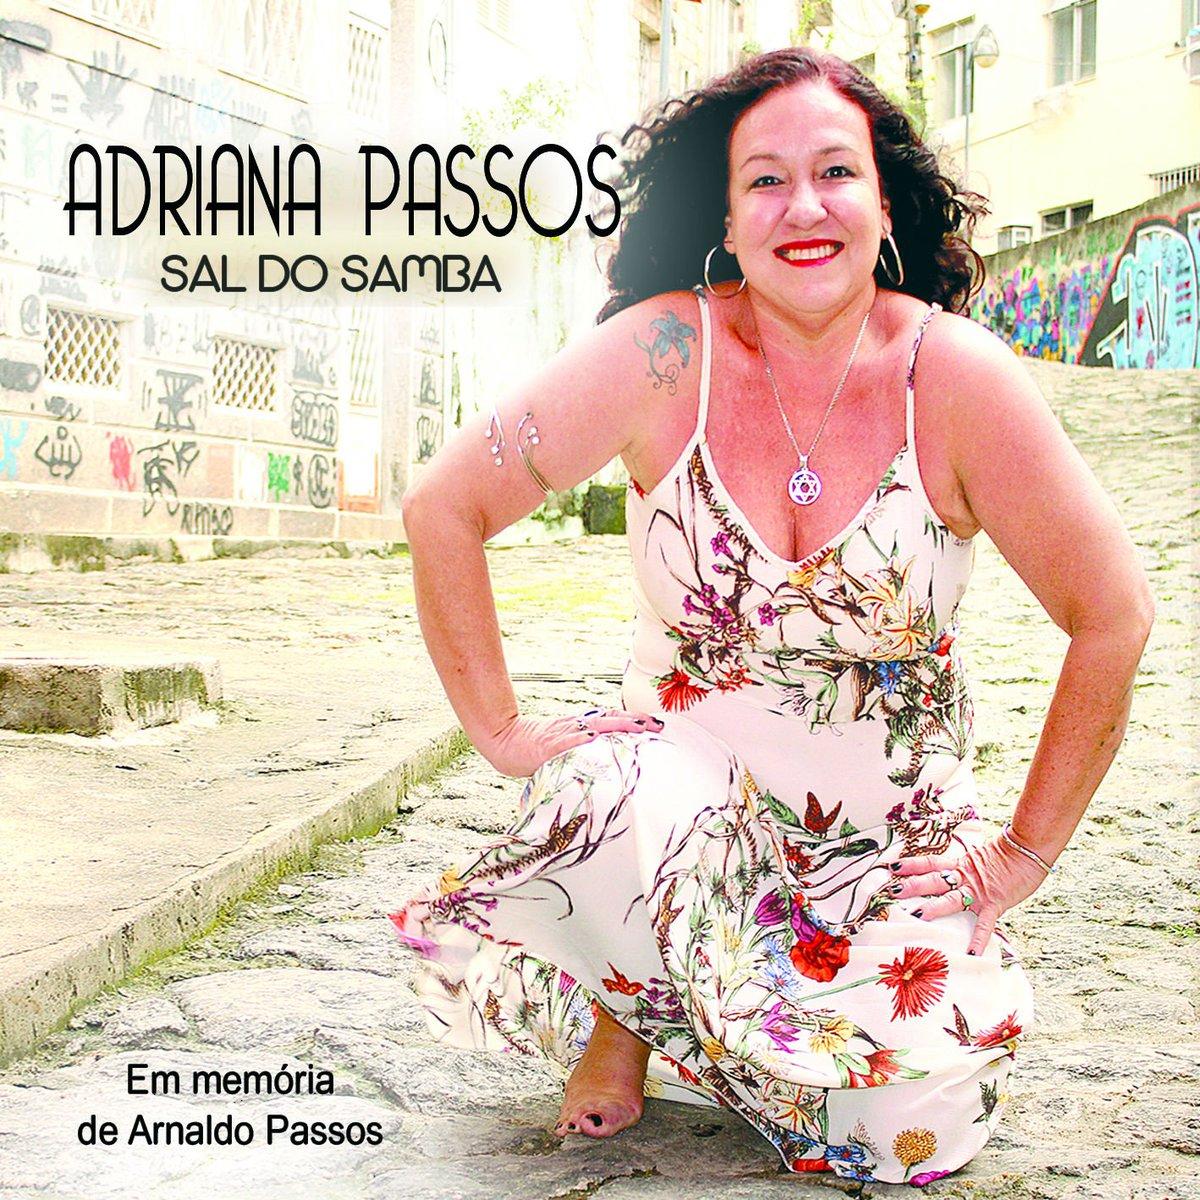 Já já, às 18h, Adriana Passos apresenta o CD 'Sal do Samba' no #AoVivoEntreAmigos. Ouça na Rádio MEC AM https://t.co/7S3EPxCSpQ 📷 Divulgação